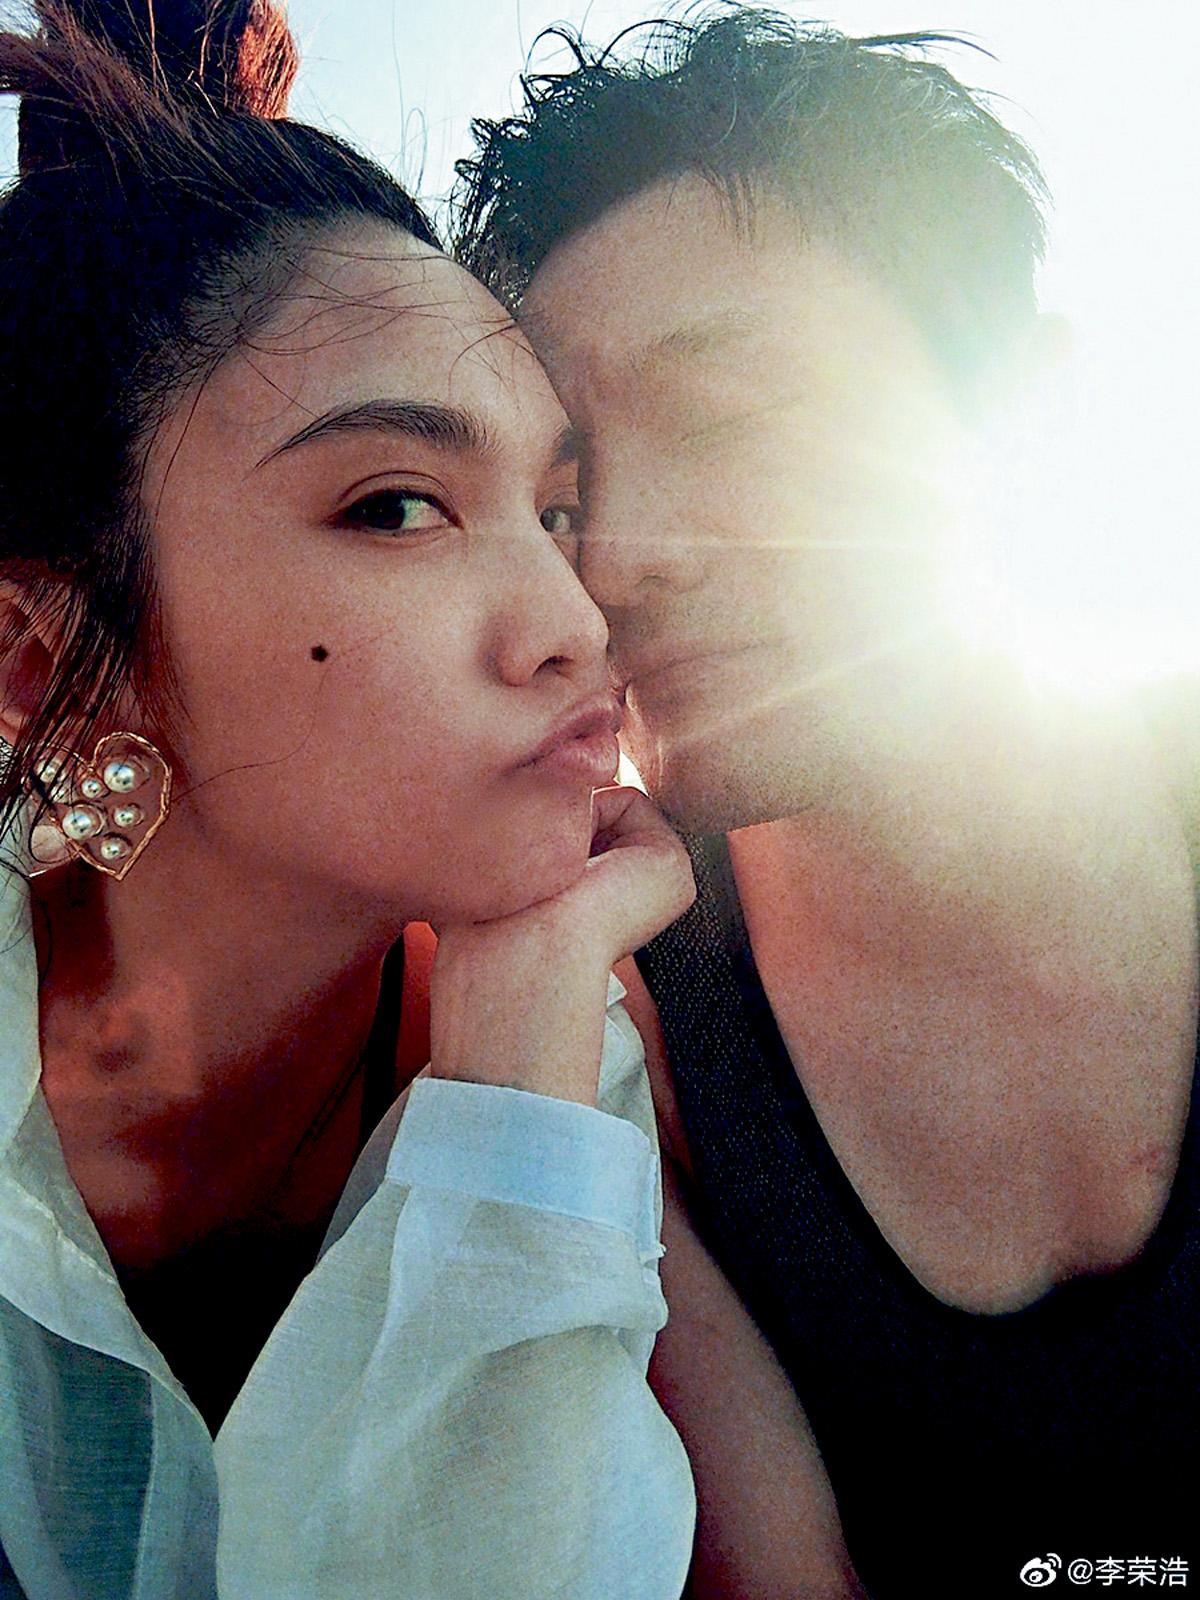 ■李榮浩、楊丞琳修得正果,分享甜蜜貼面照,公布喜訊。